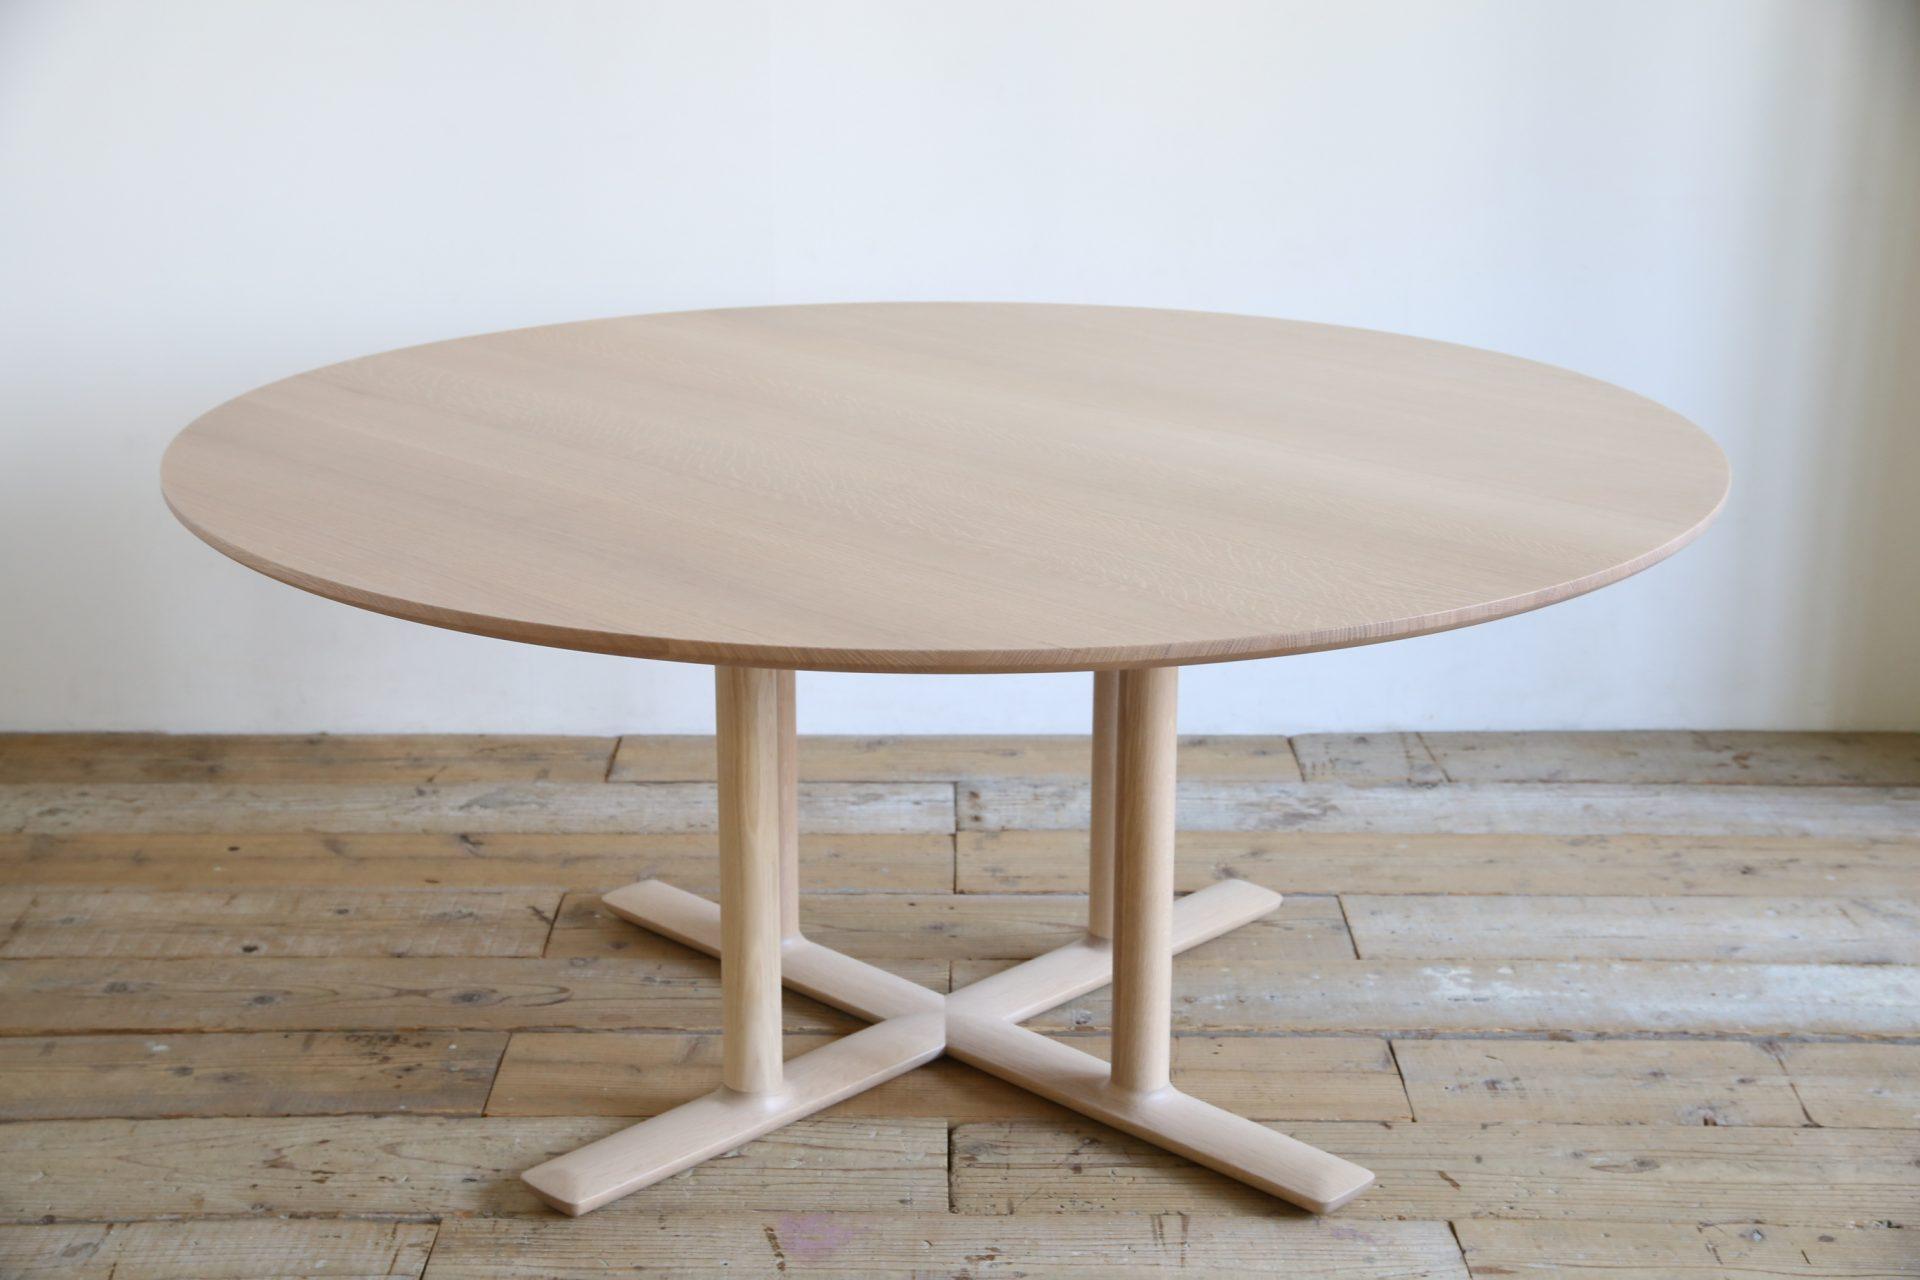 日進木工 CHORUS コーラス プロダクトデザイナー 松岡智之デザイン ダイニングテーブル ラウンド